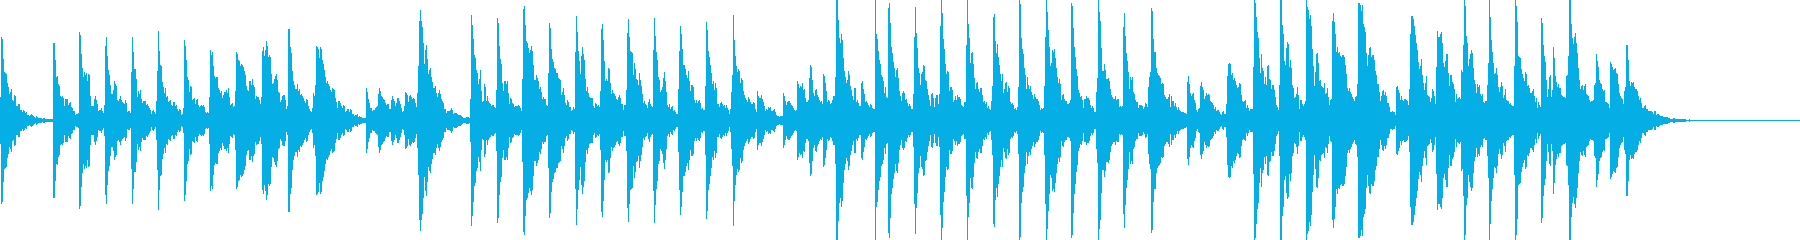 童謡「夕焼け小焼け」オルゴールbpm76の再生済みの波形